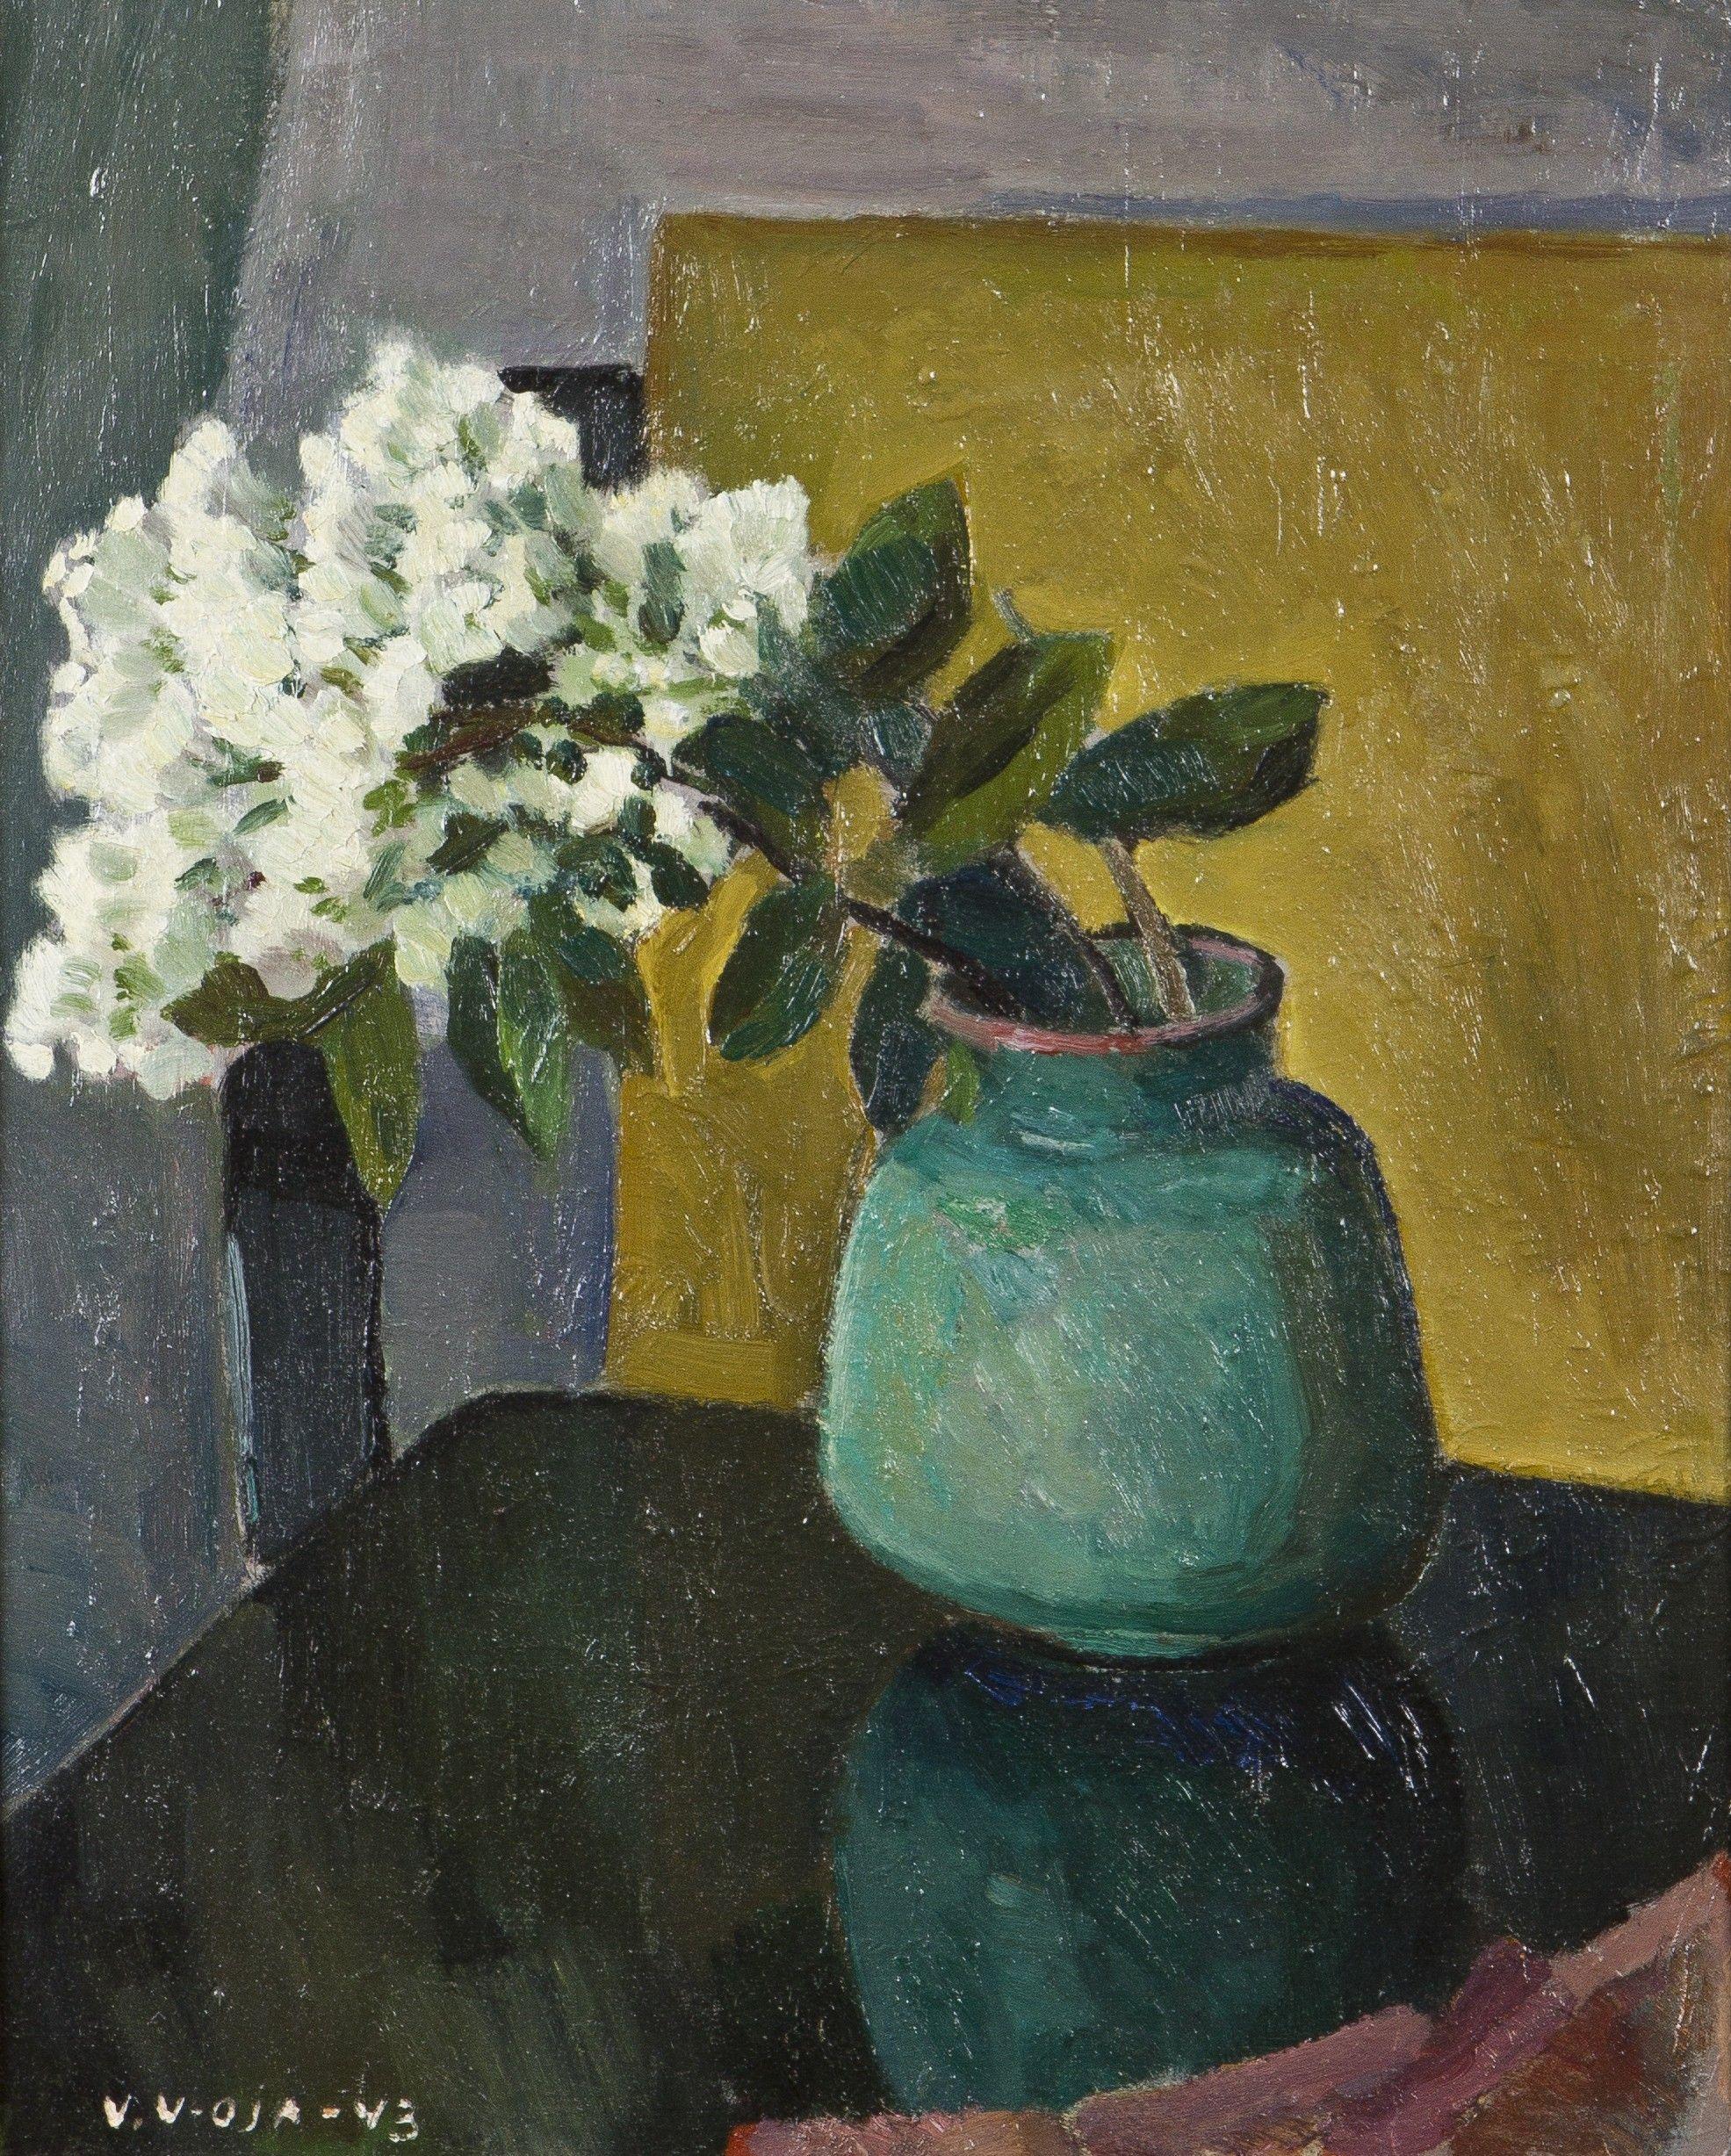 Veikko Vionoja: Syreenejä vihreässä maljakossa, 1943, öly, 39,5x31,5 cm - Hagelstam K141